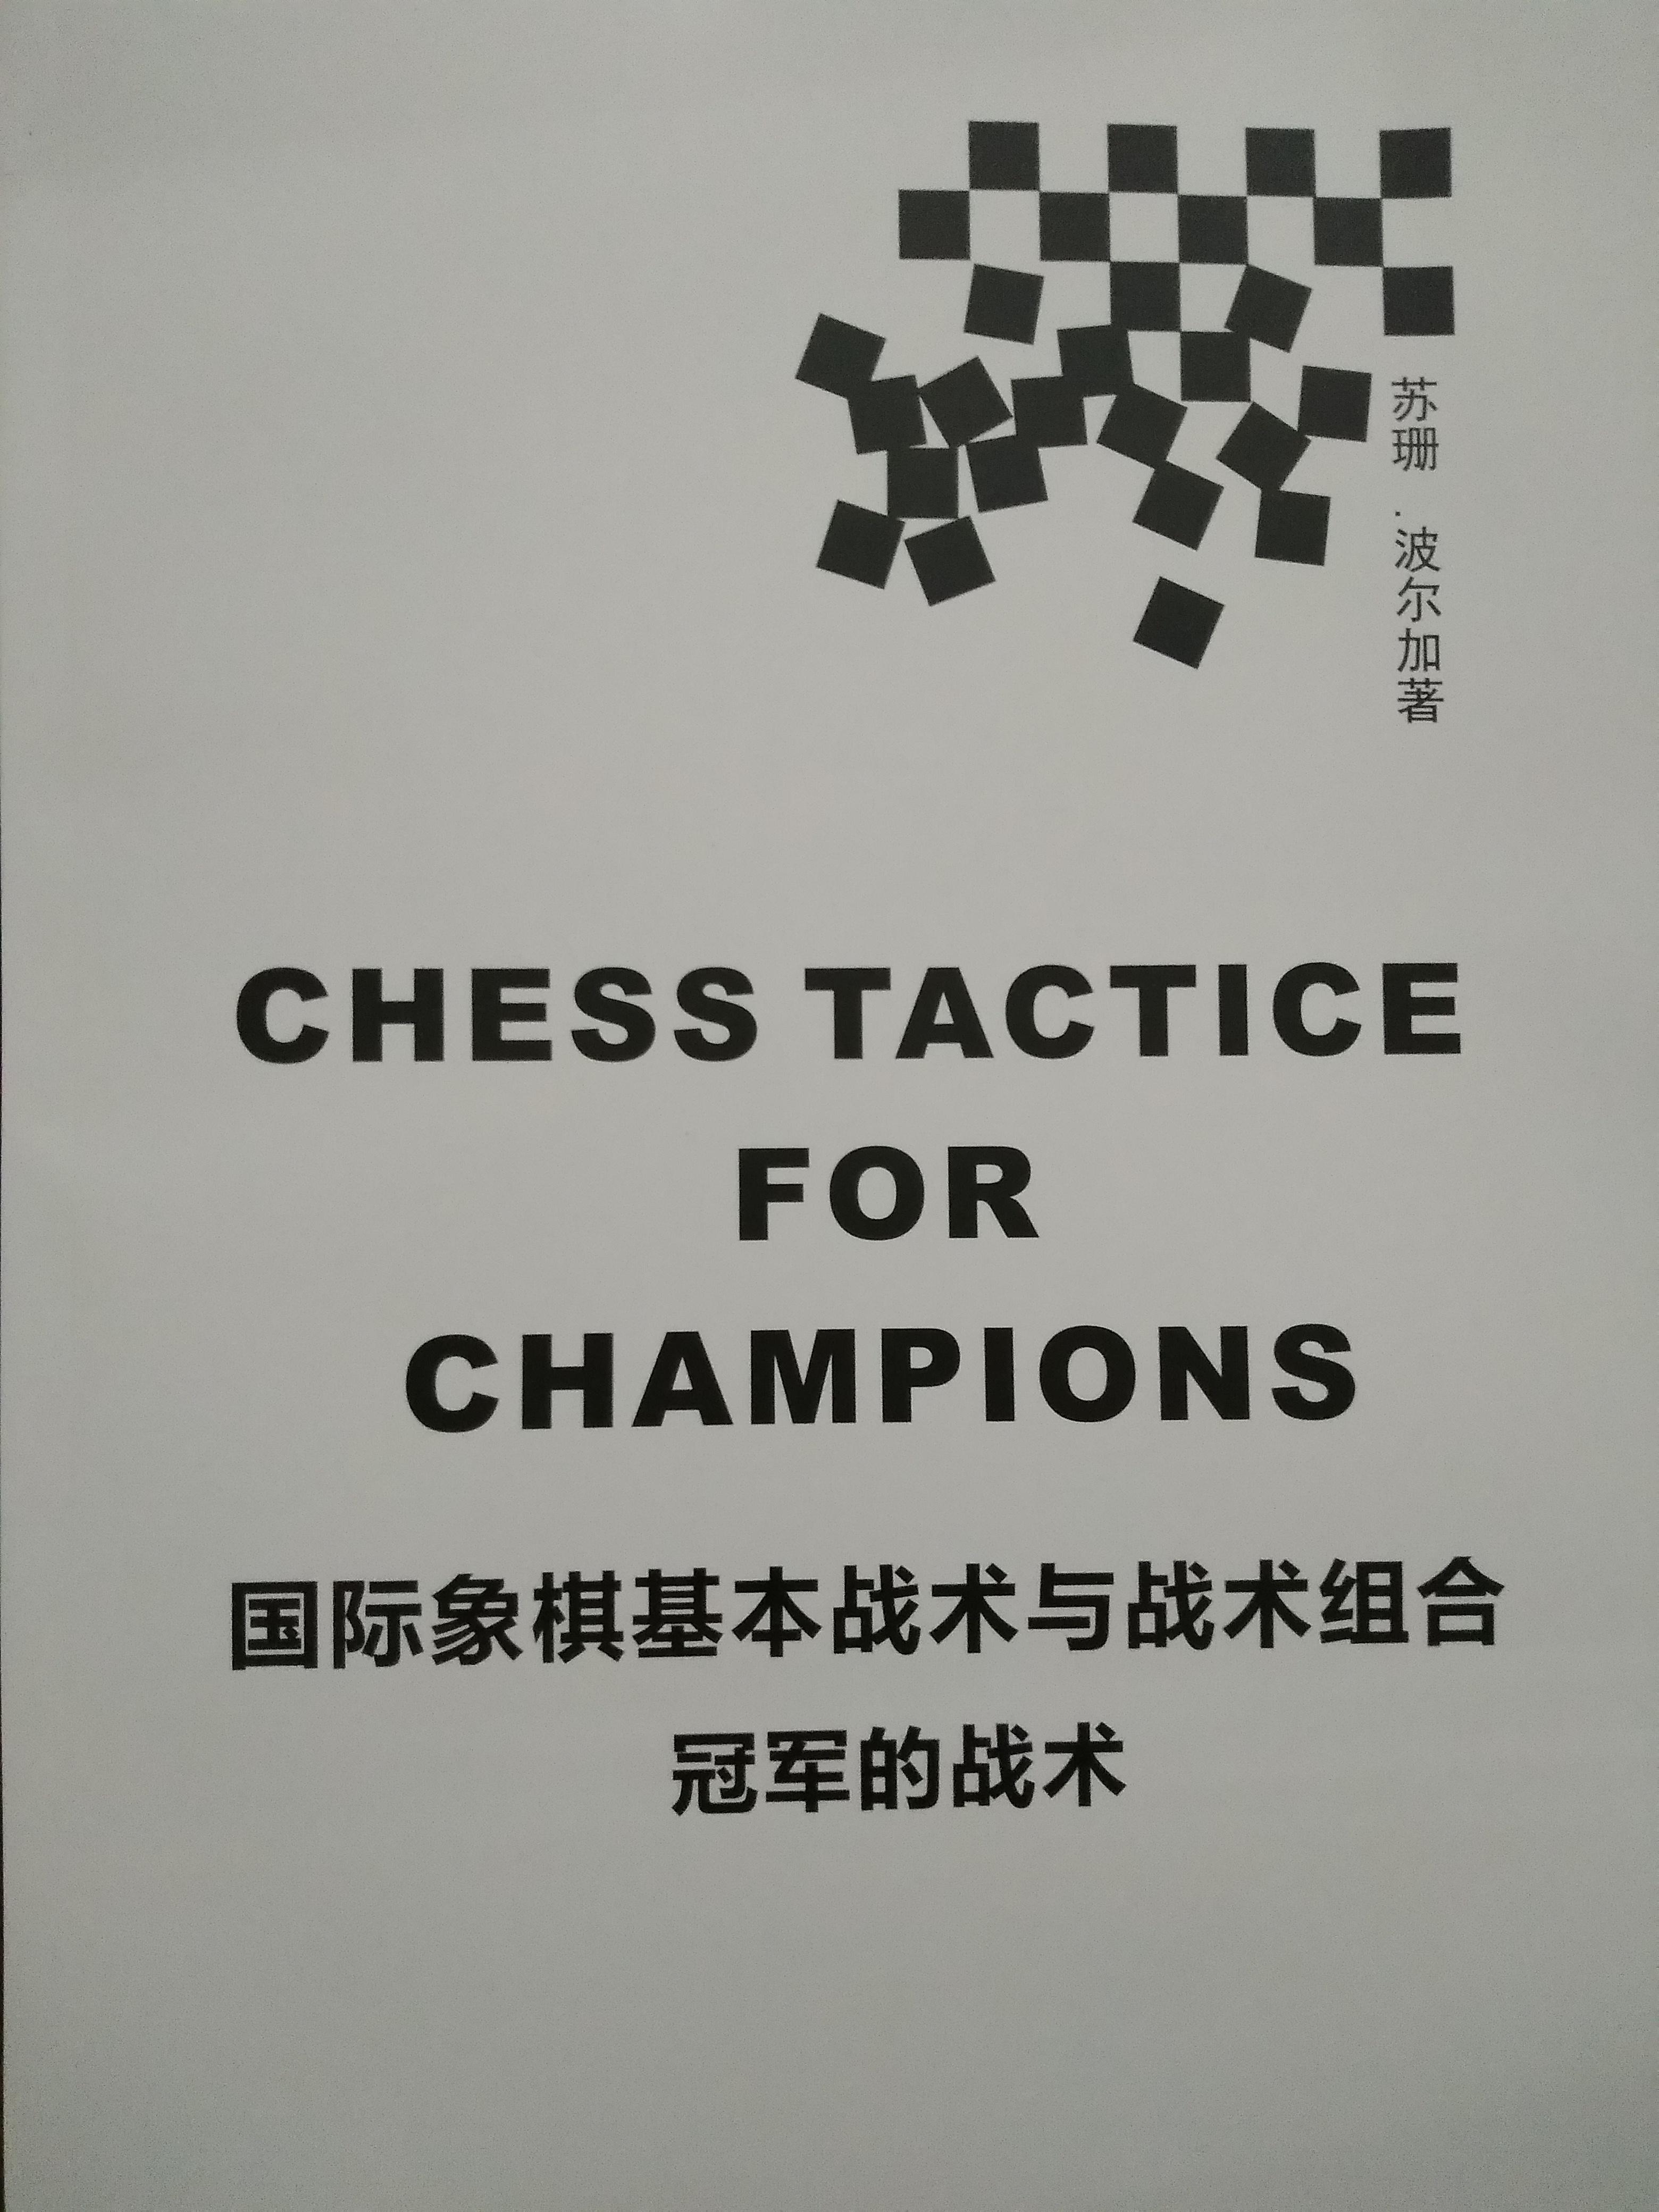 Шахматы основной тактический против тактический сочетание умение своевременно название из тактический новый конская бор плюс практика книга